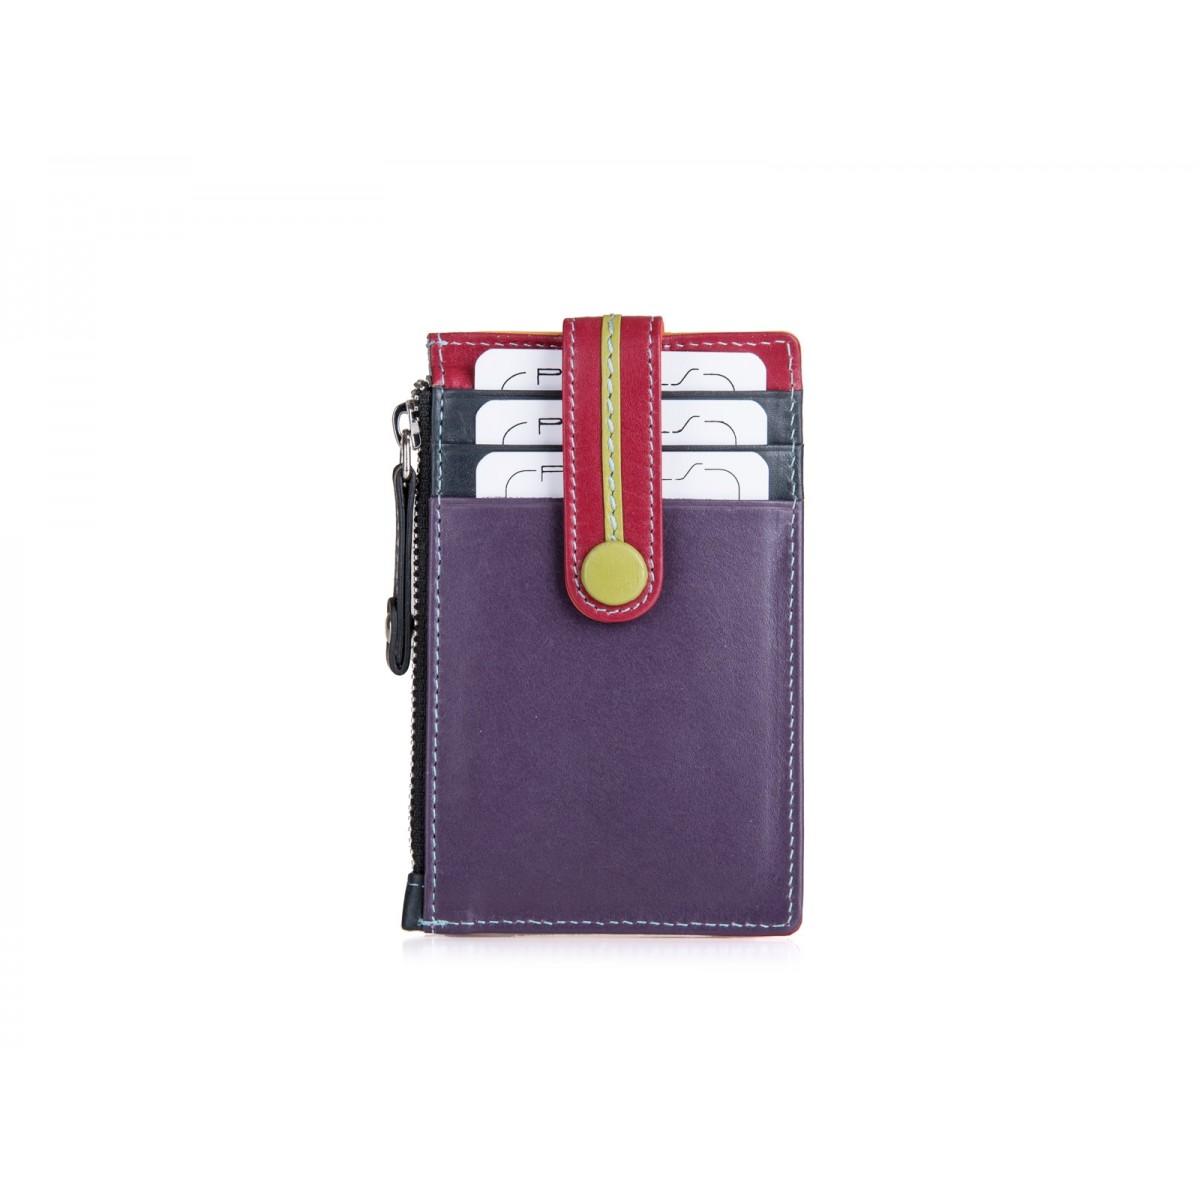 Kreditkort holder med møntrum i tropical farver-36